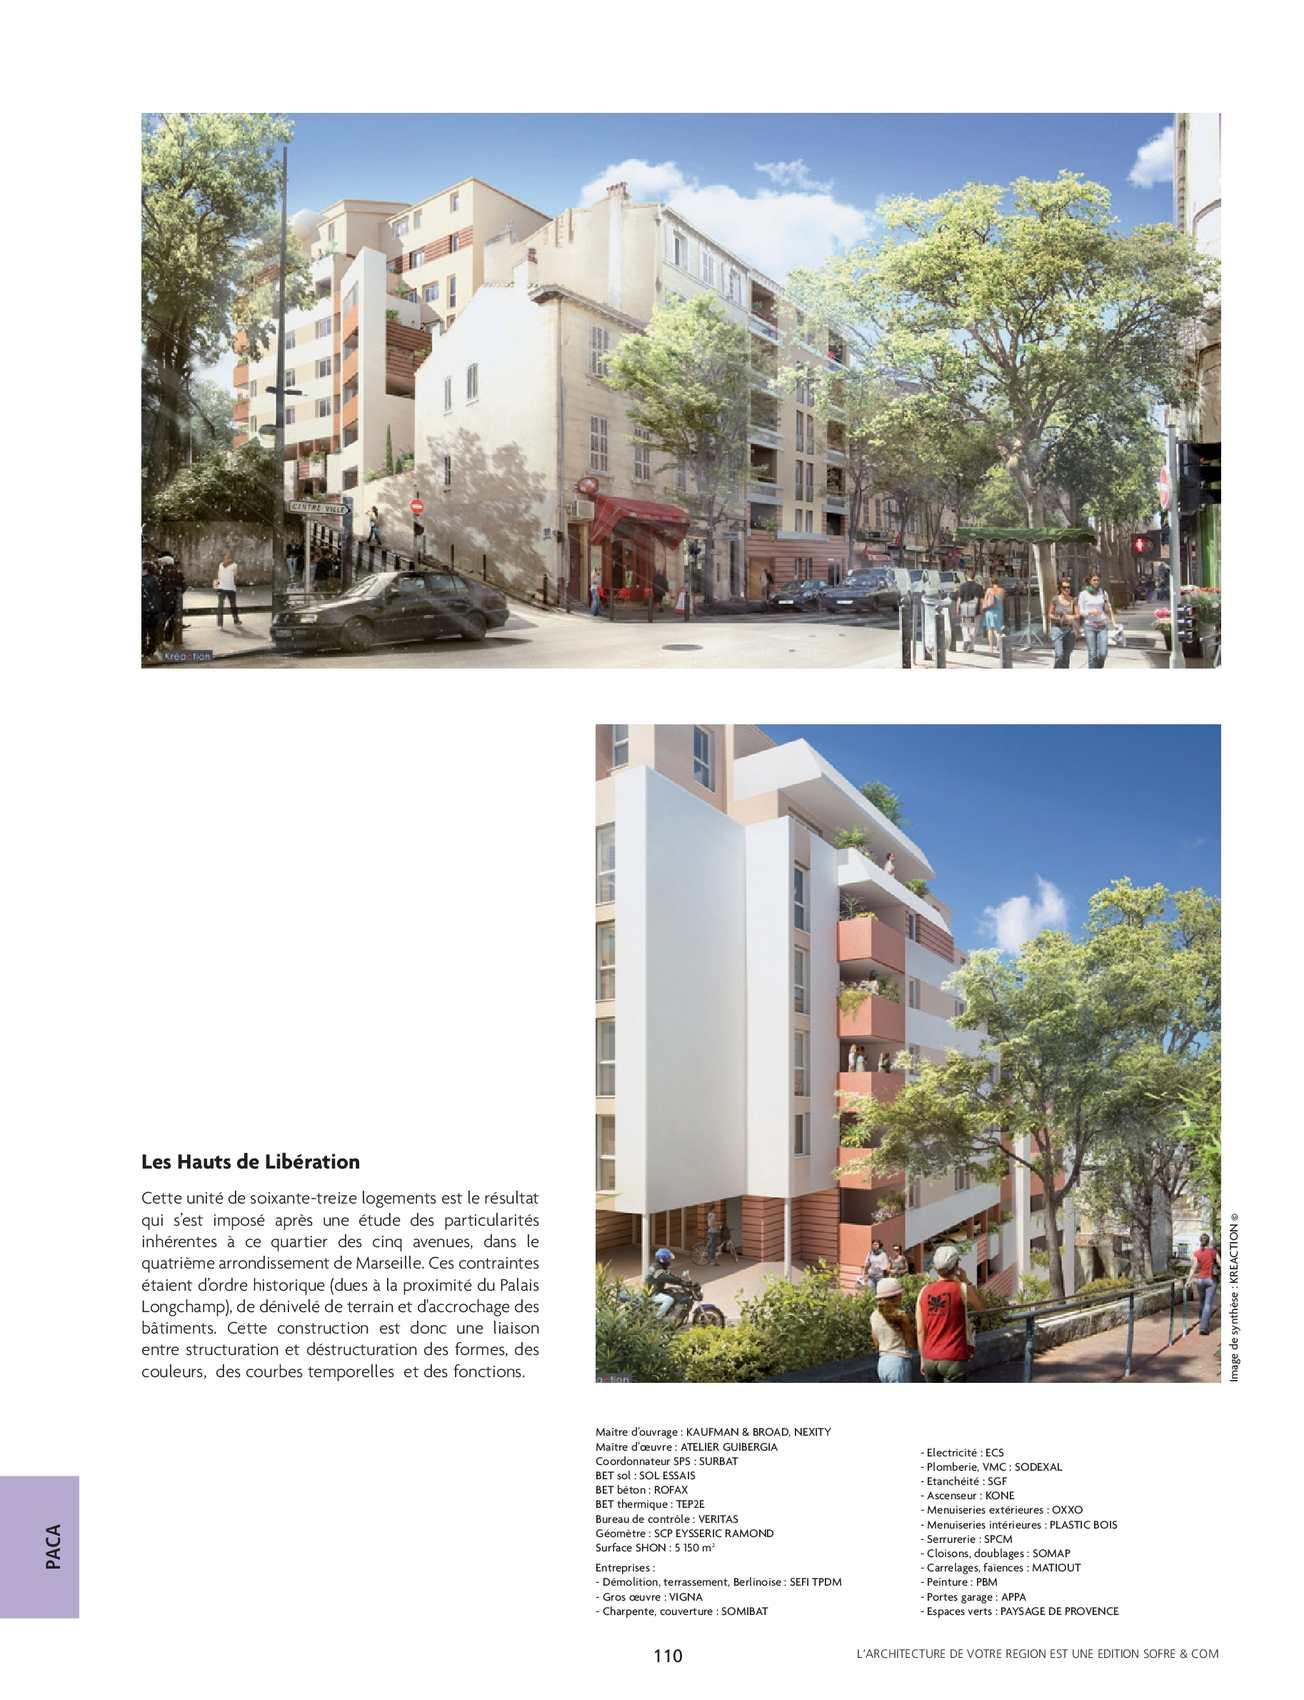 Bureau D Étude Béton Marseille l'architecture de votre region - paca - 258 - calameo downloader